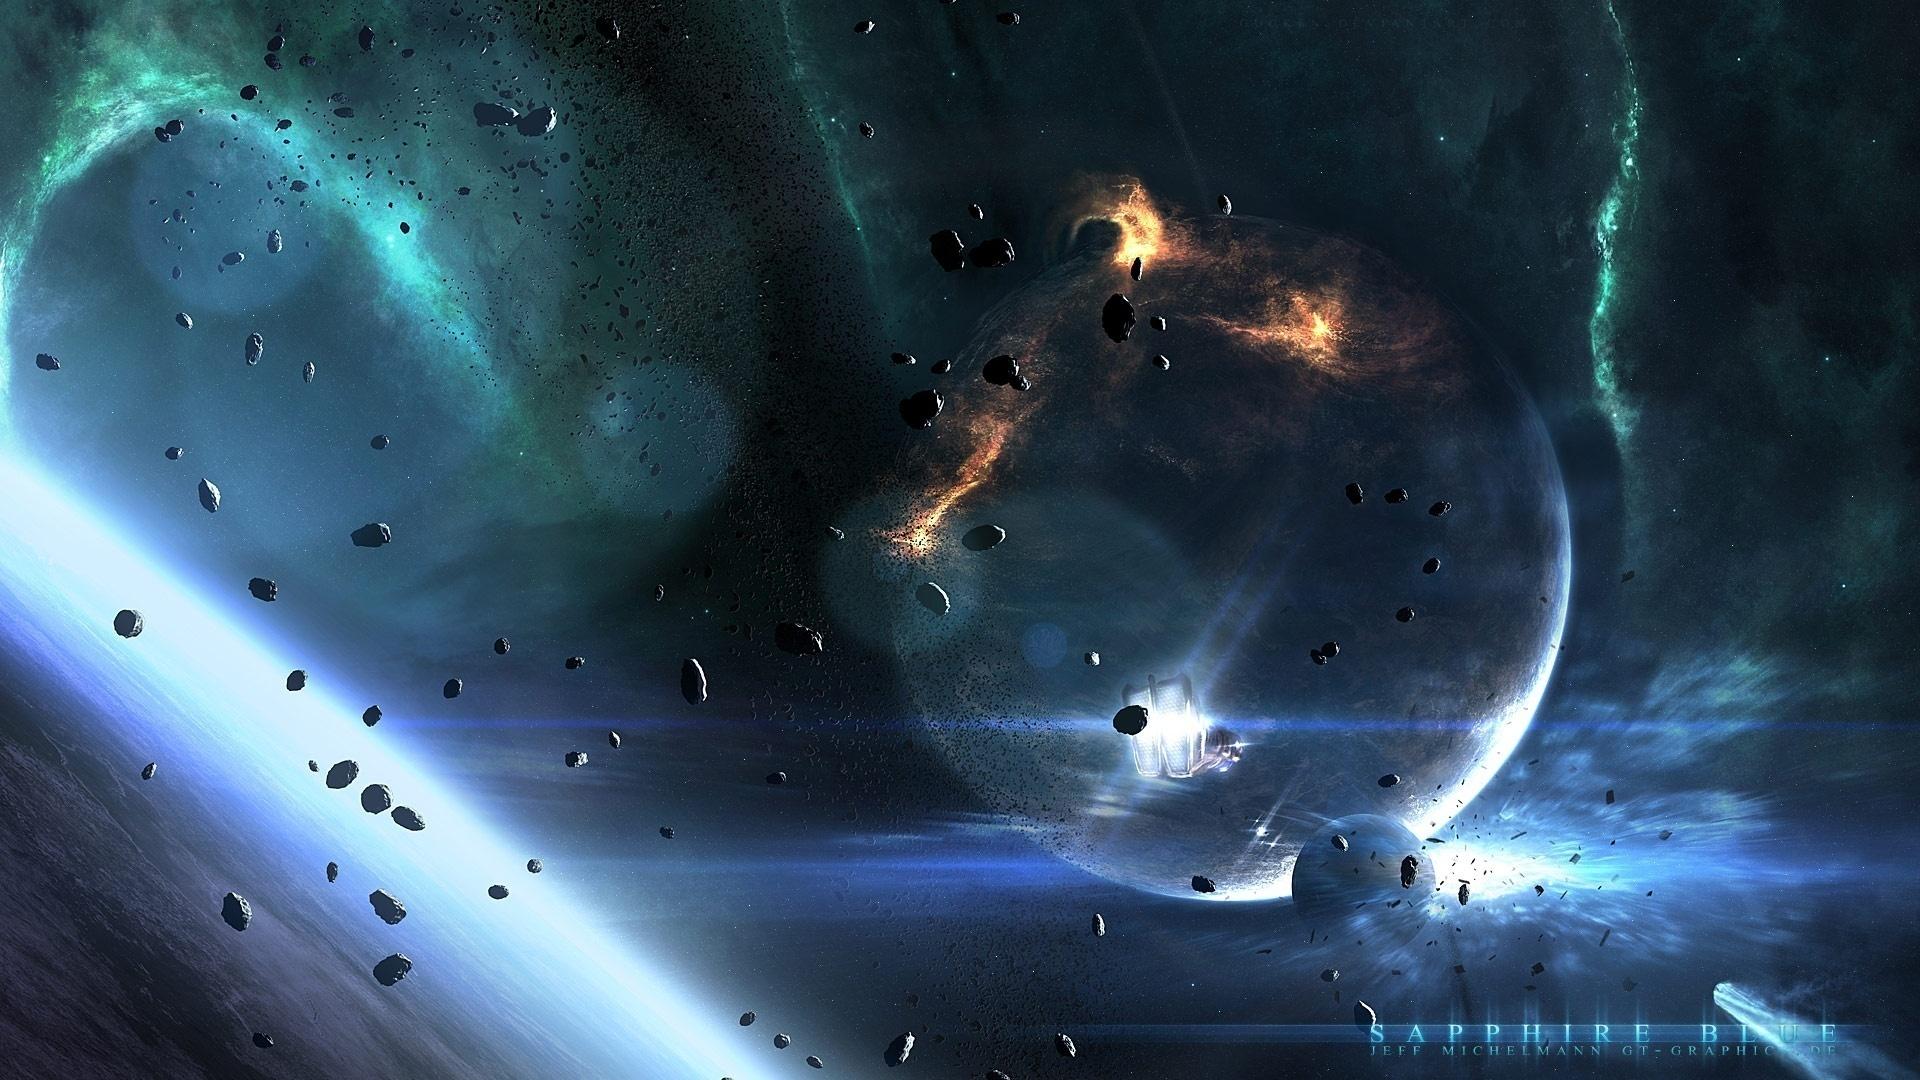 Обои космос планета корабль картинки на рабочий стол на тему Космос - скачать  № 3125452 бесплатно